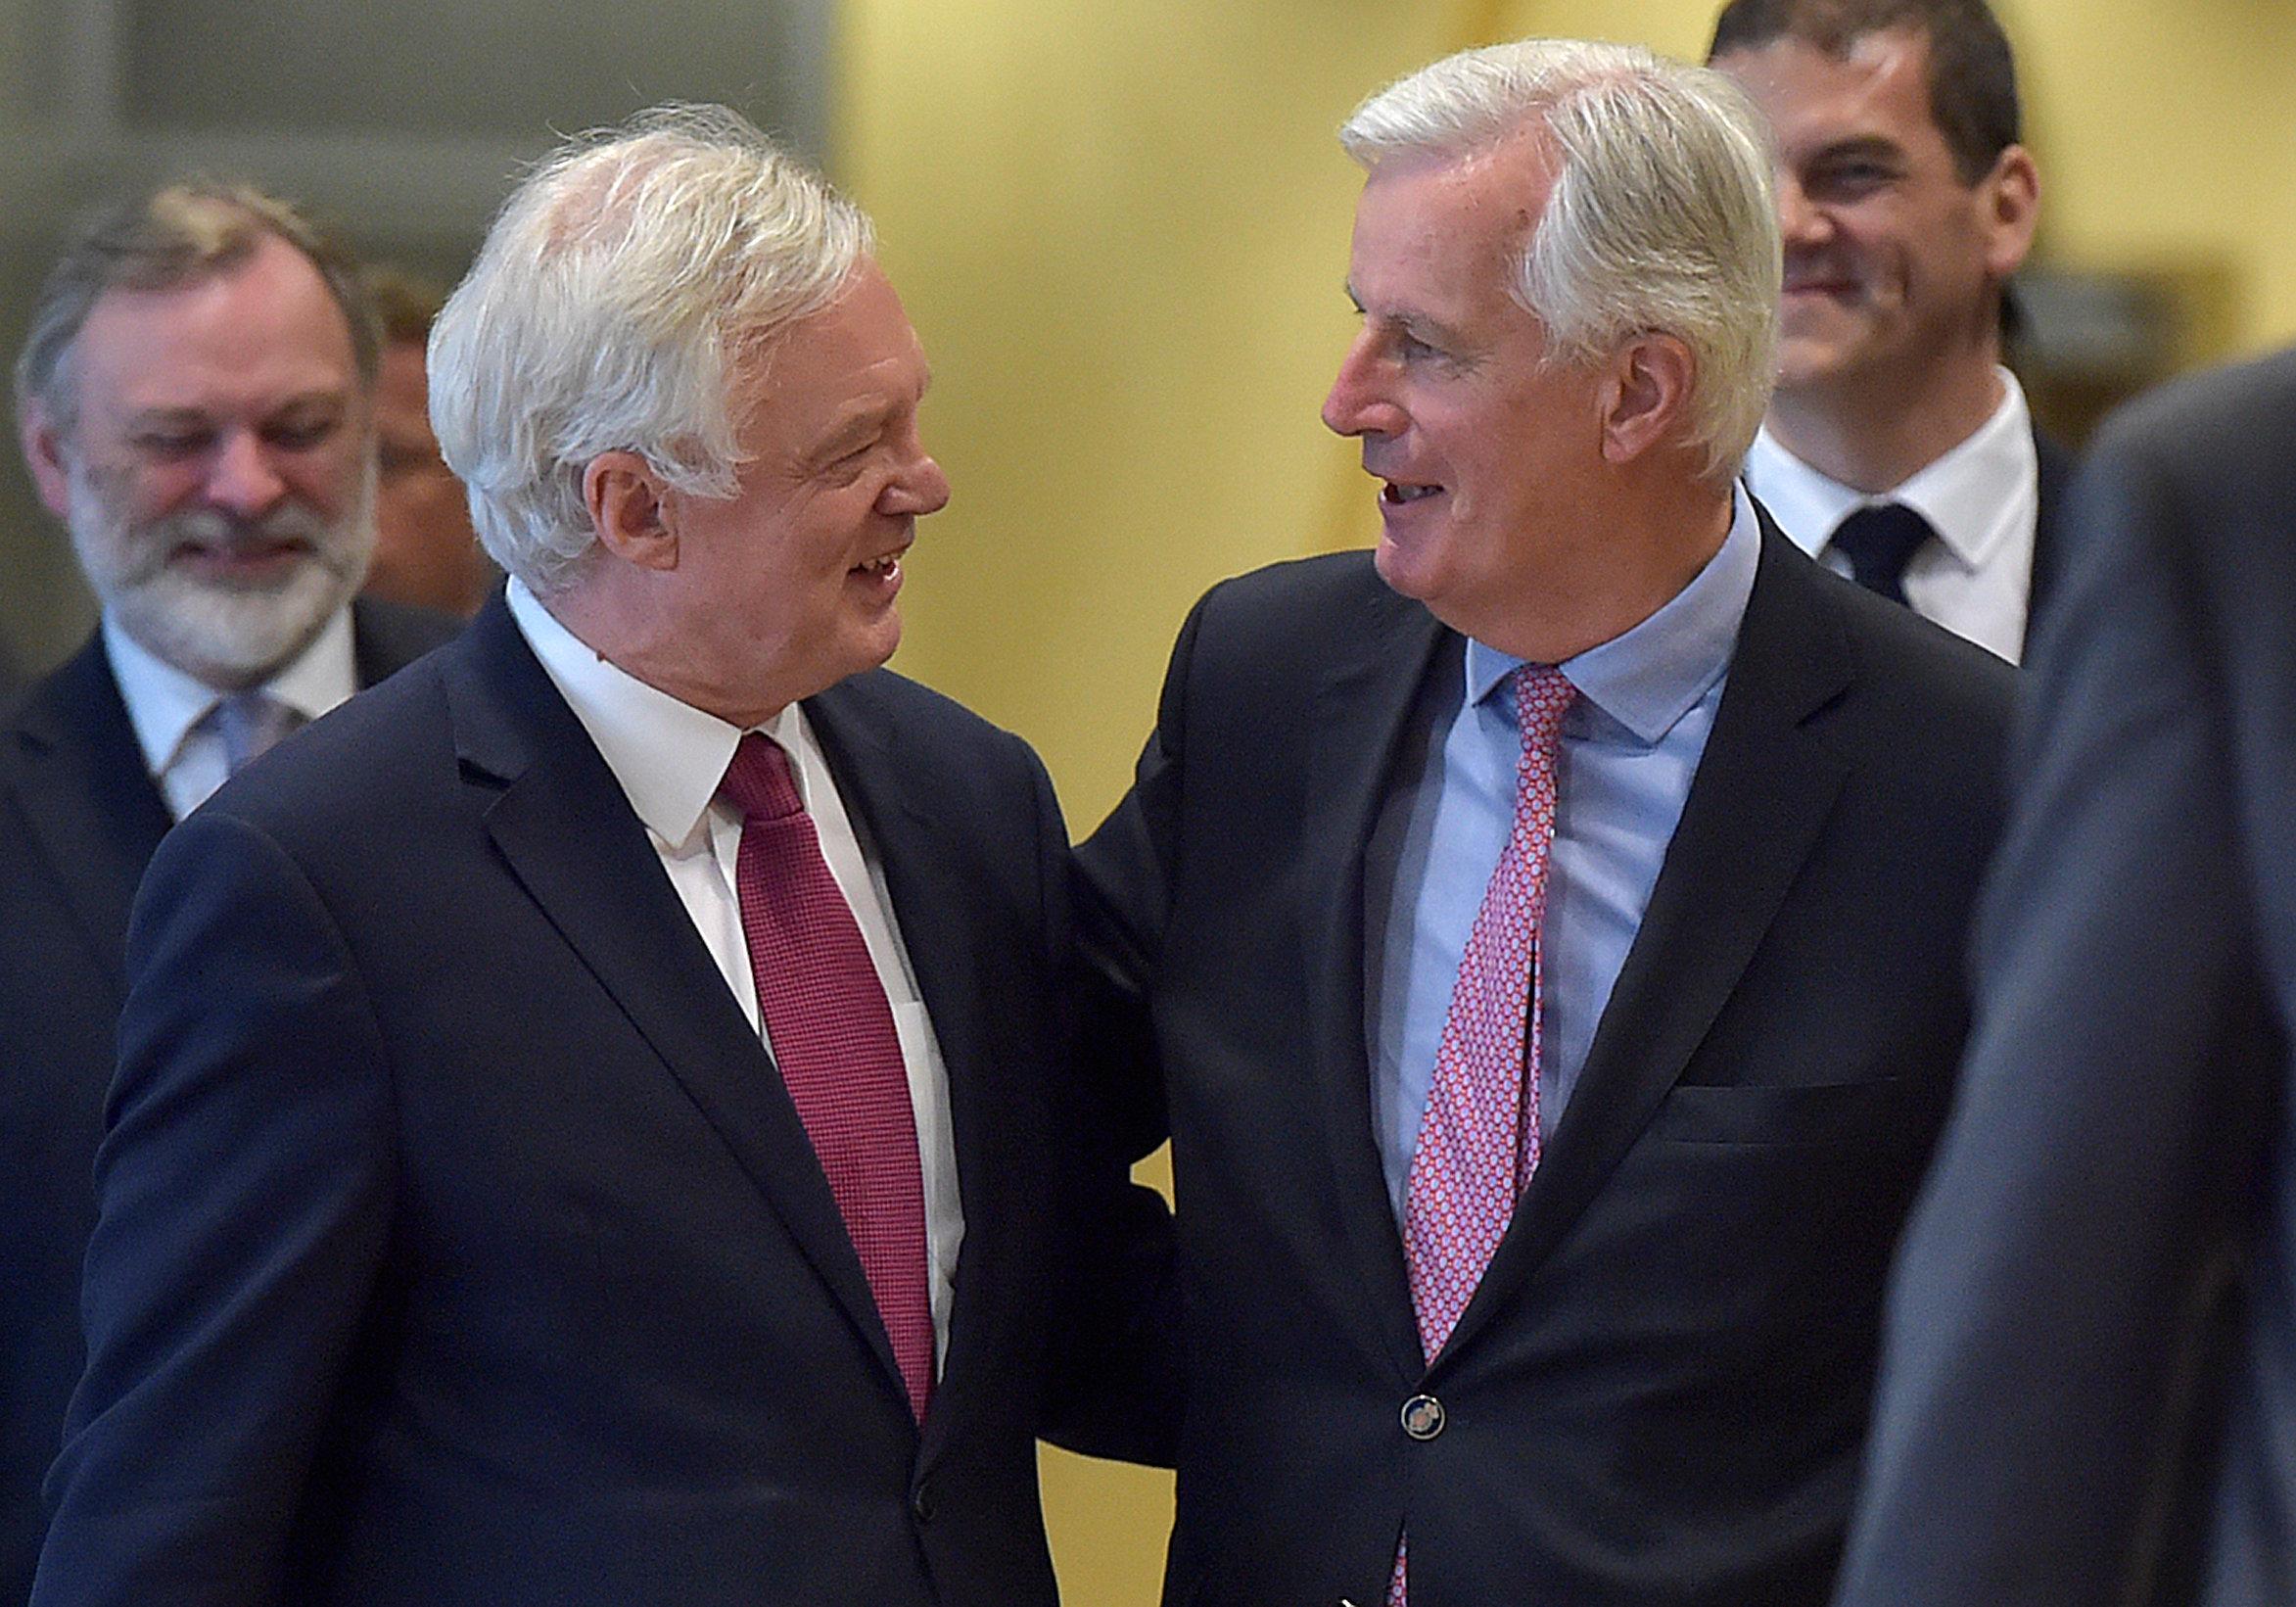 브렉시트 협상, 첫날부터 7시간 마라톤 회담…영국은 초장부터 너덜너덜